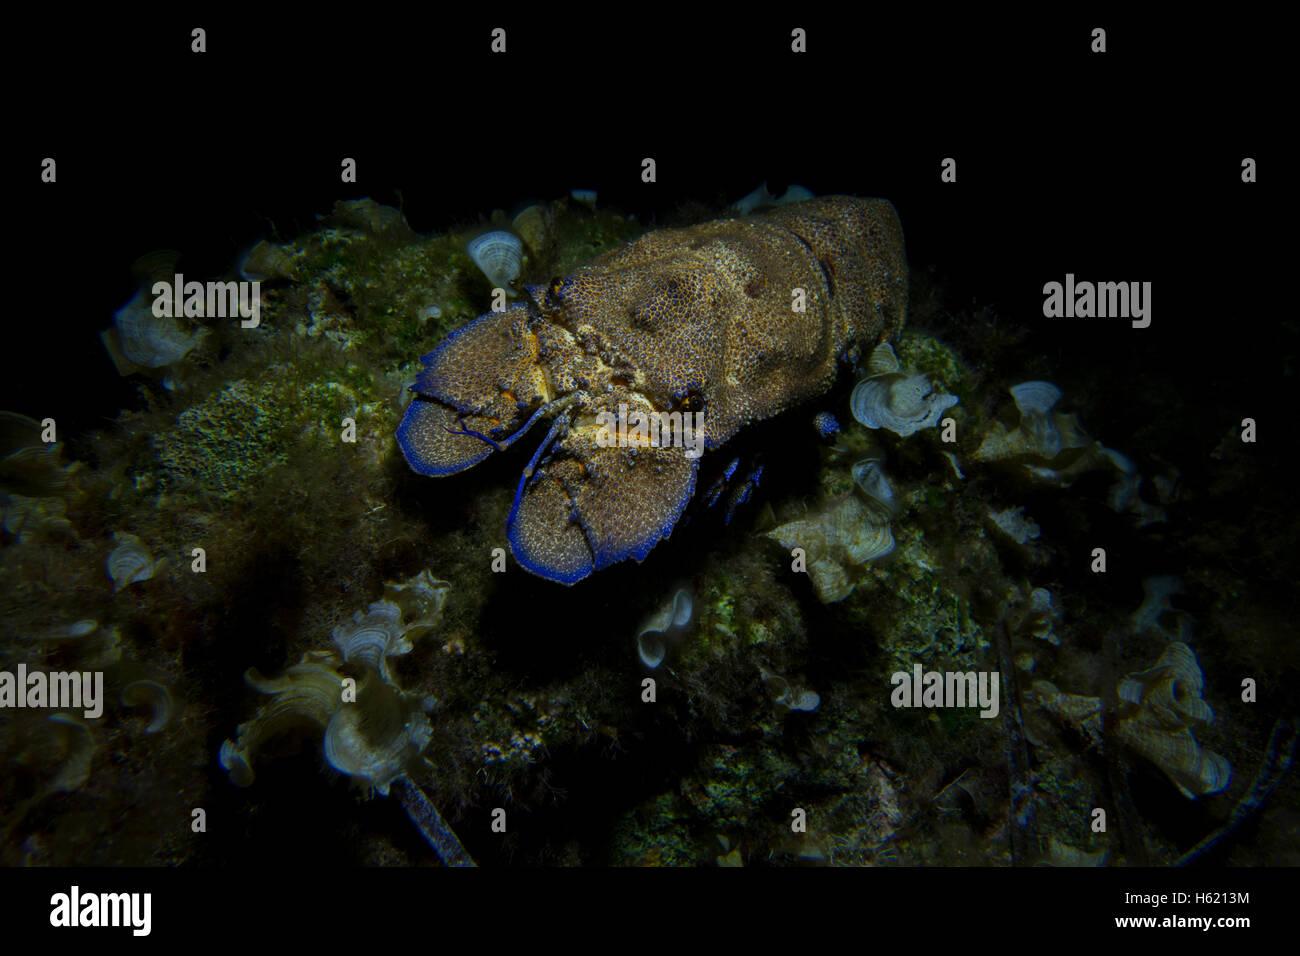 Mediterranean slipper lobster, Scyllarides latus, from Malta, Mediterranean Sea. - Stock Image